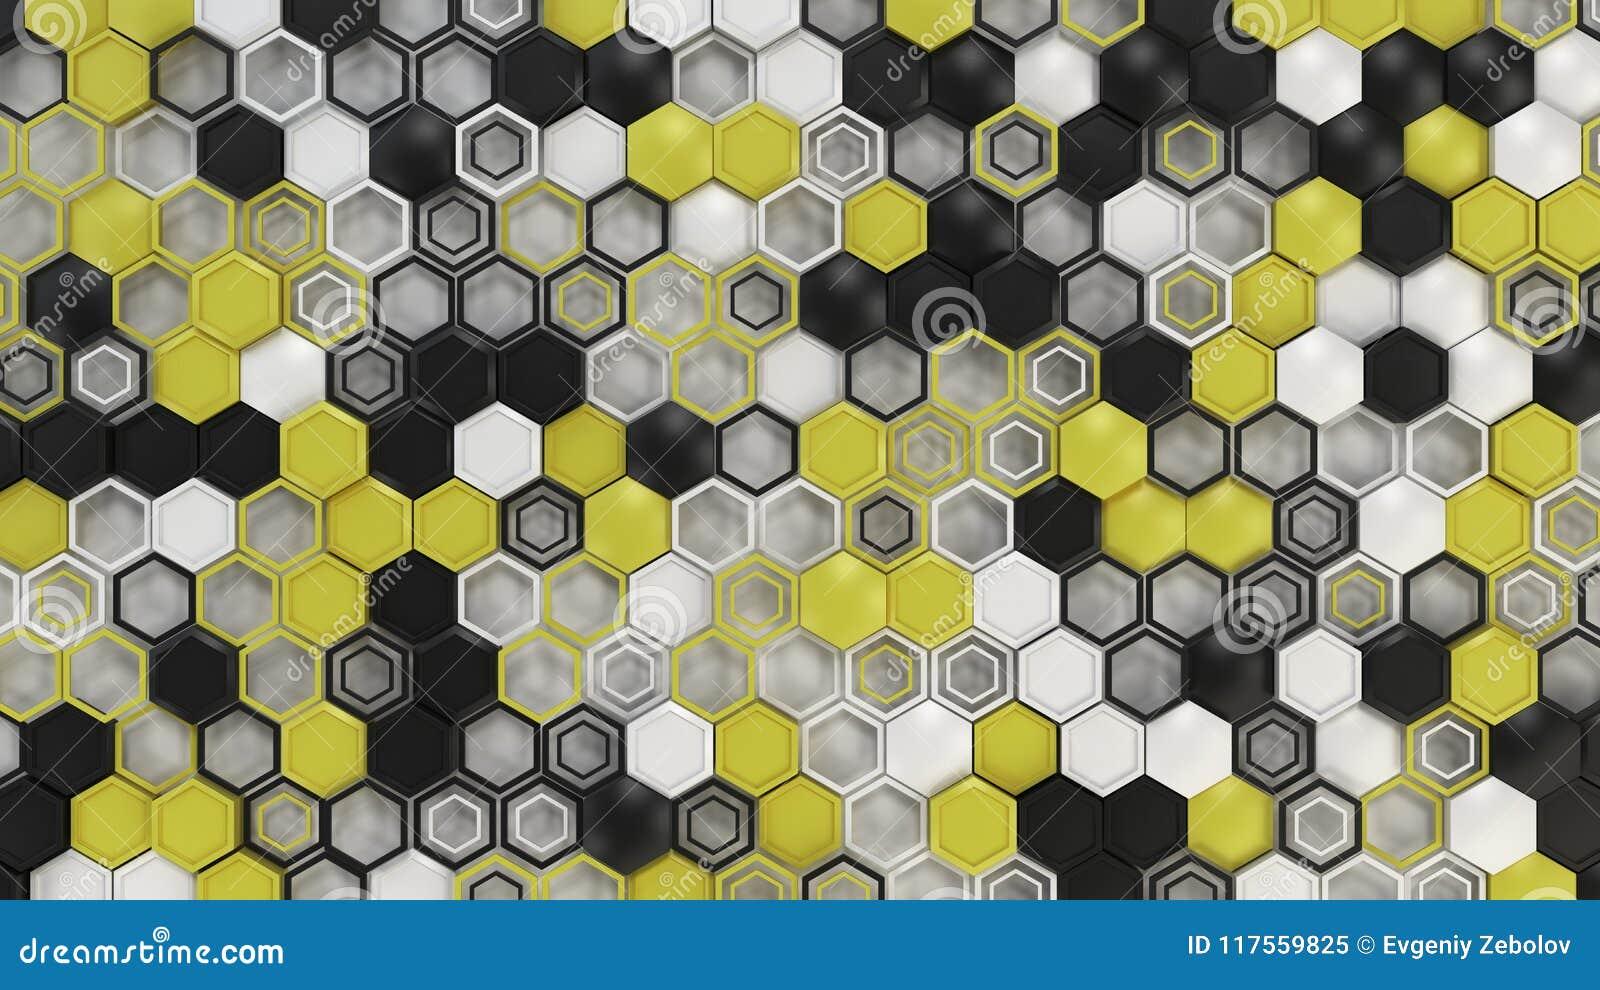 Αφηρημένο τρισδιάστατο υπόβαθρο φιαγμένο από μαύρα, άσπρα και κίτρινα hexagons στο άσπρο υπόβαθρο